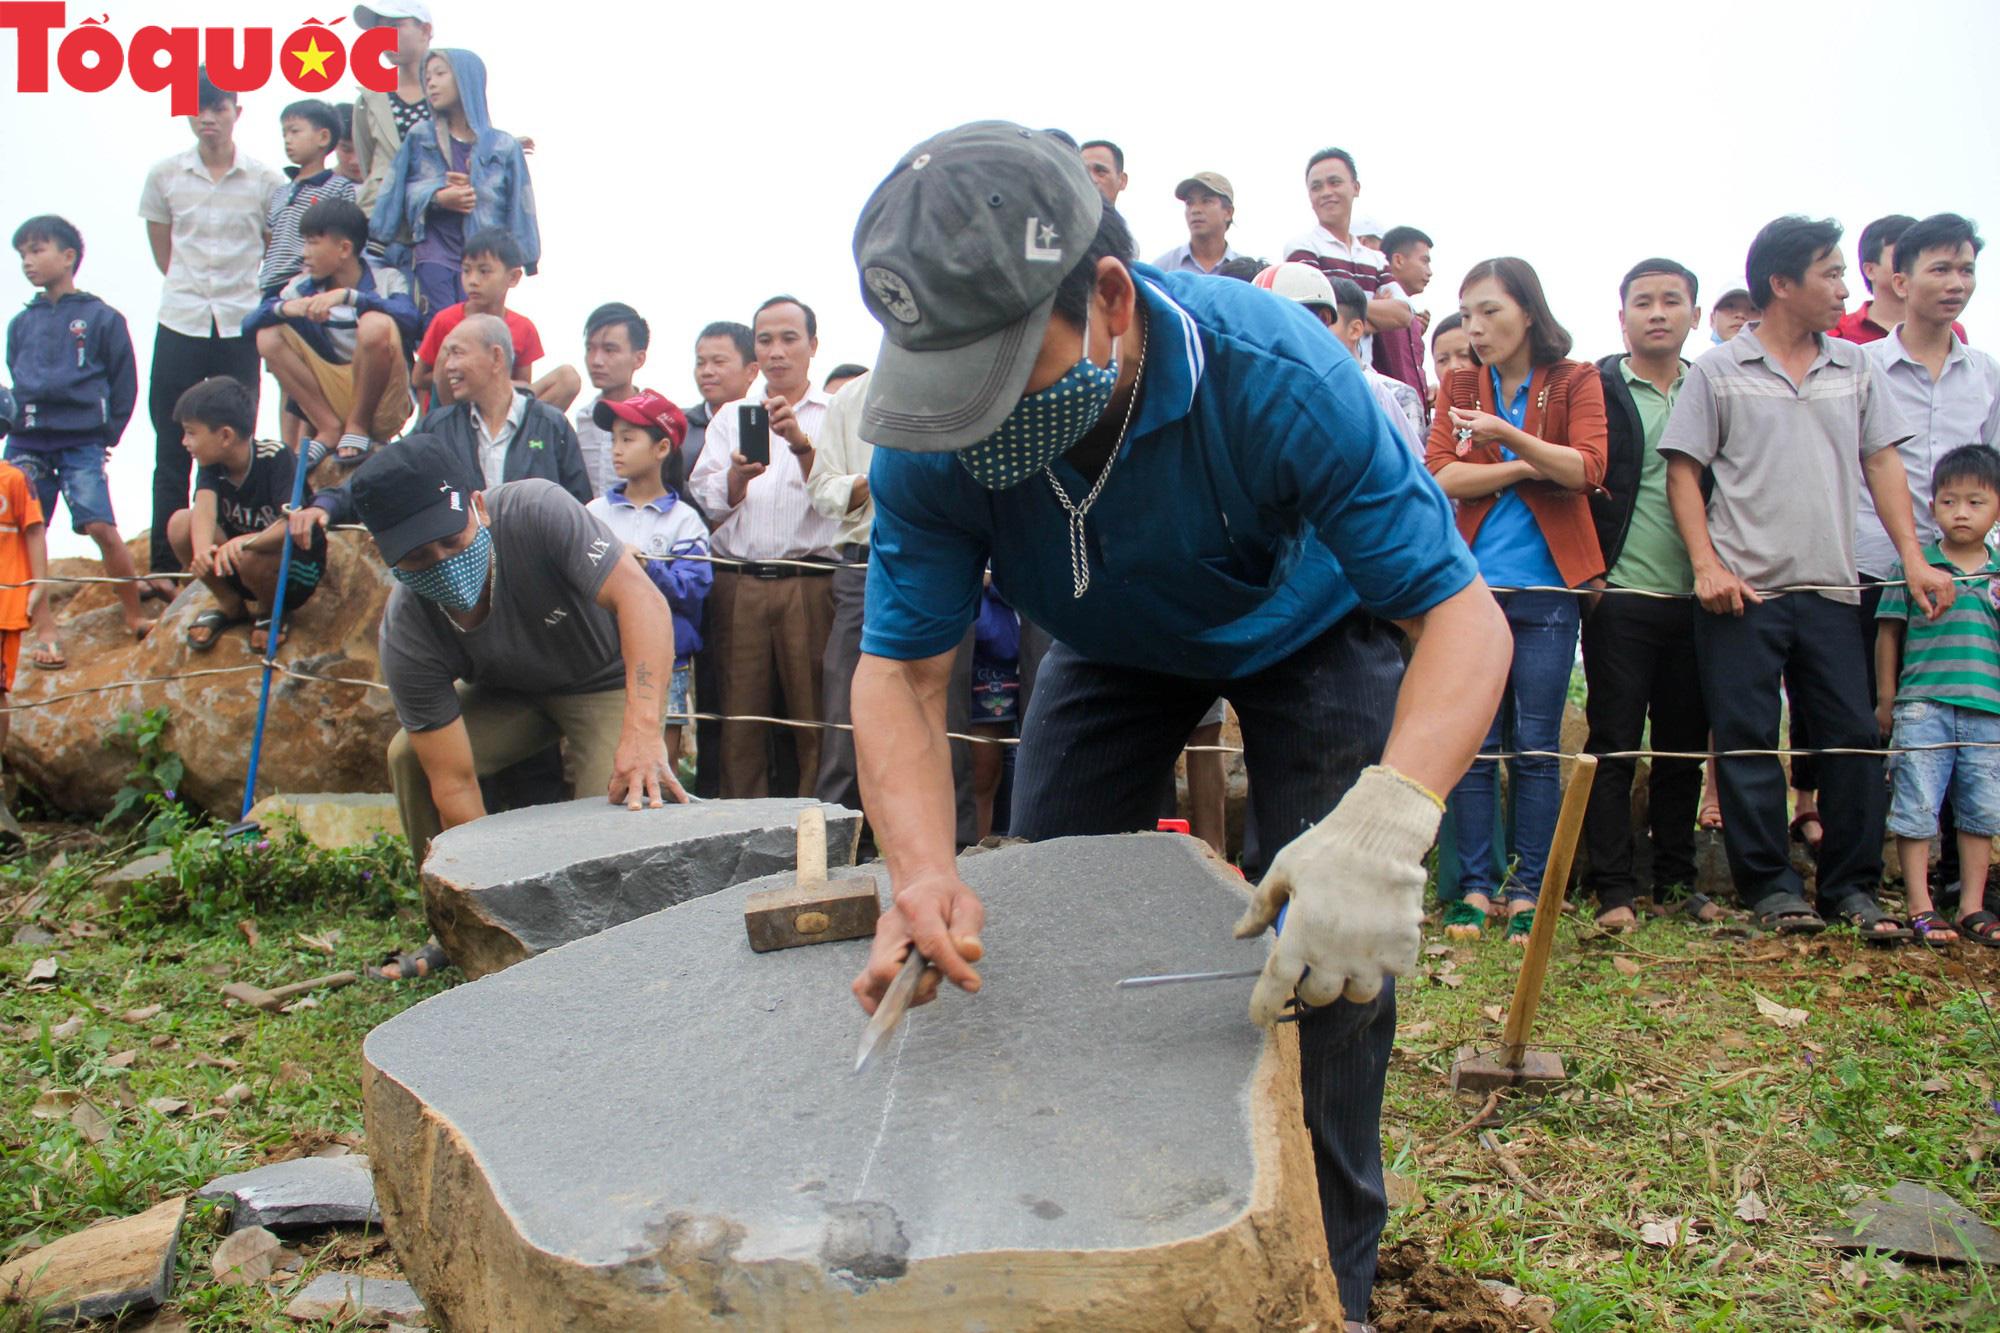 Độc đáo hội thi chẻ đá mồ côi ở Quảng Trị - Ảnh 10.